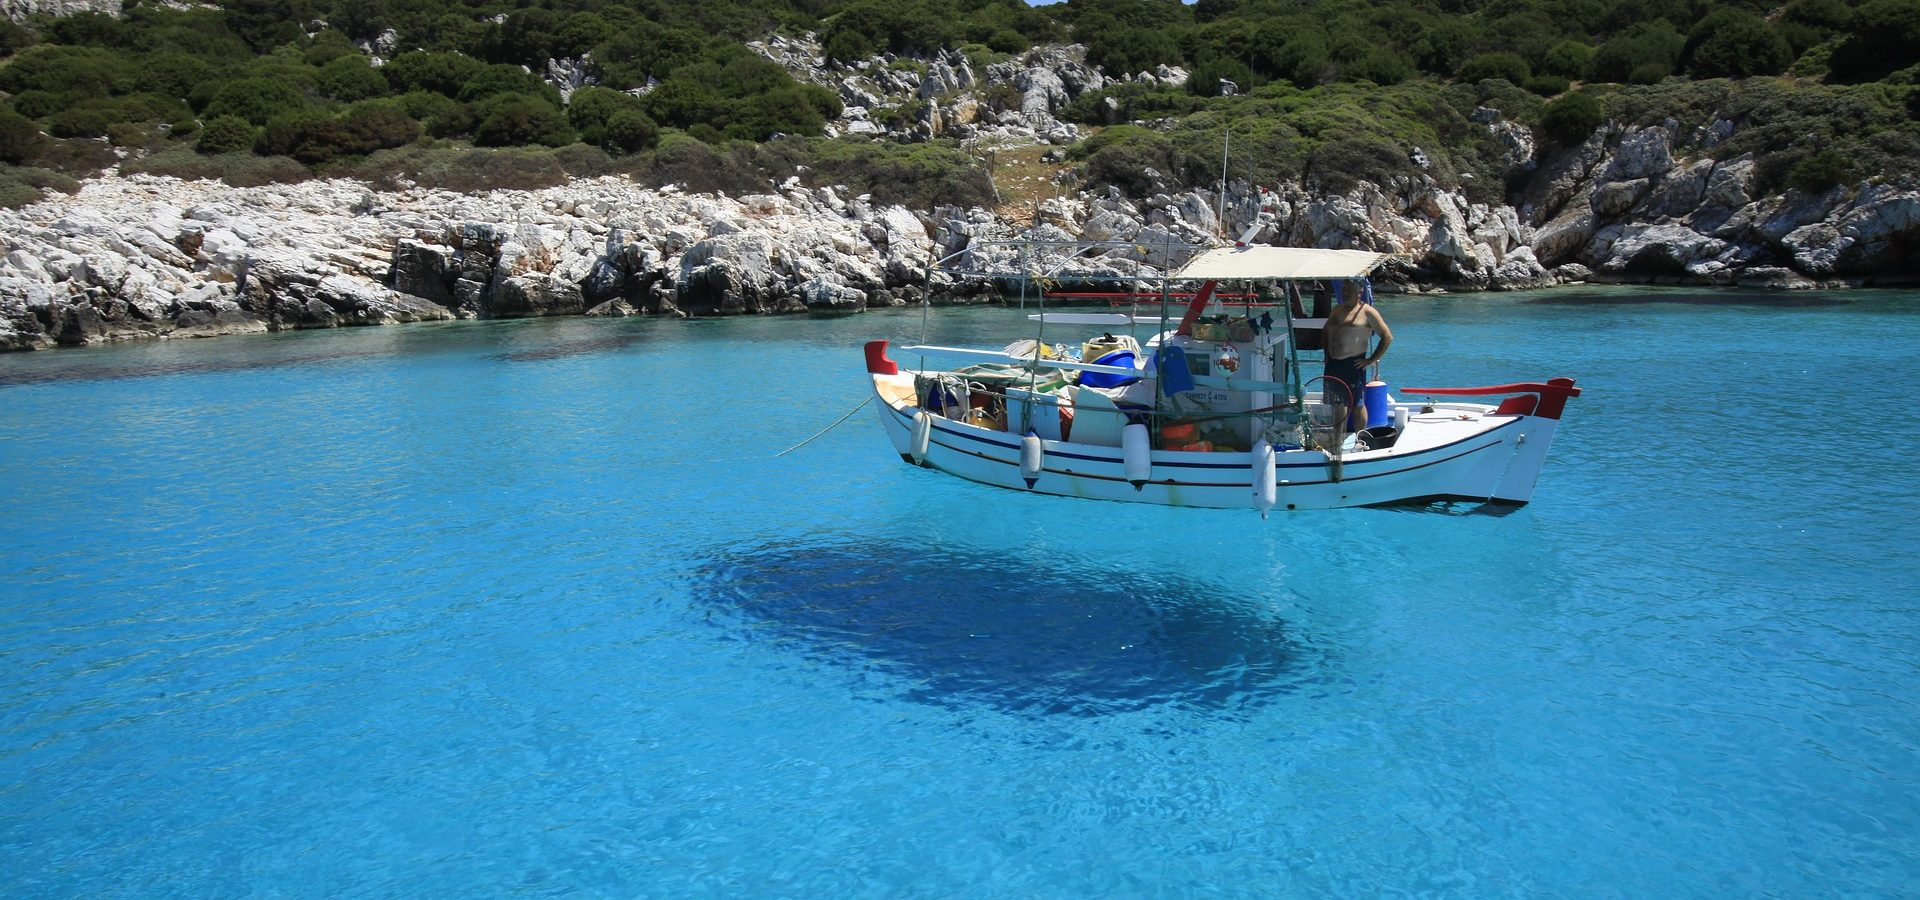 Εκδρομή στην Εύβοια - Οδικά ταξίδια στην Ελλάδα με το Prima Holidays